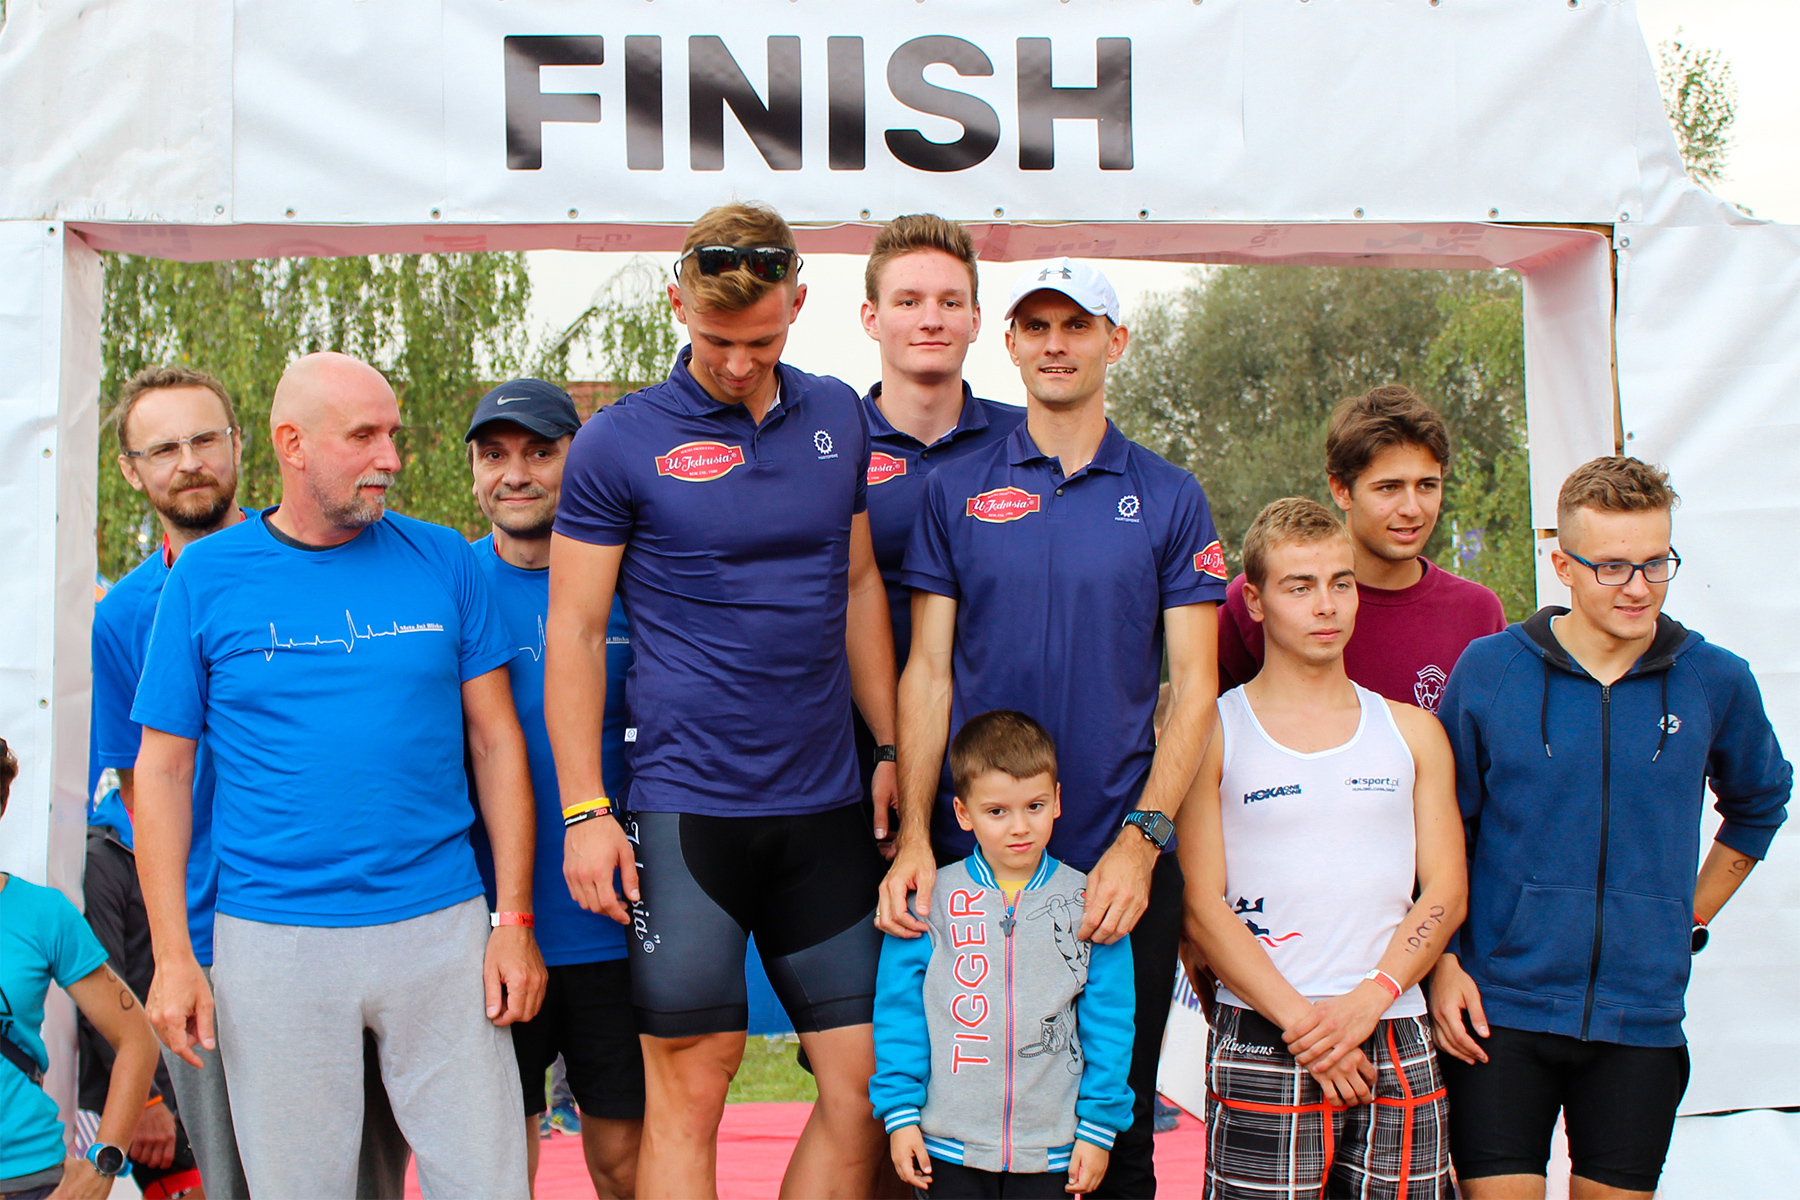 Pierwsze miejsce - U Jędrusia Triteam